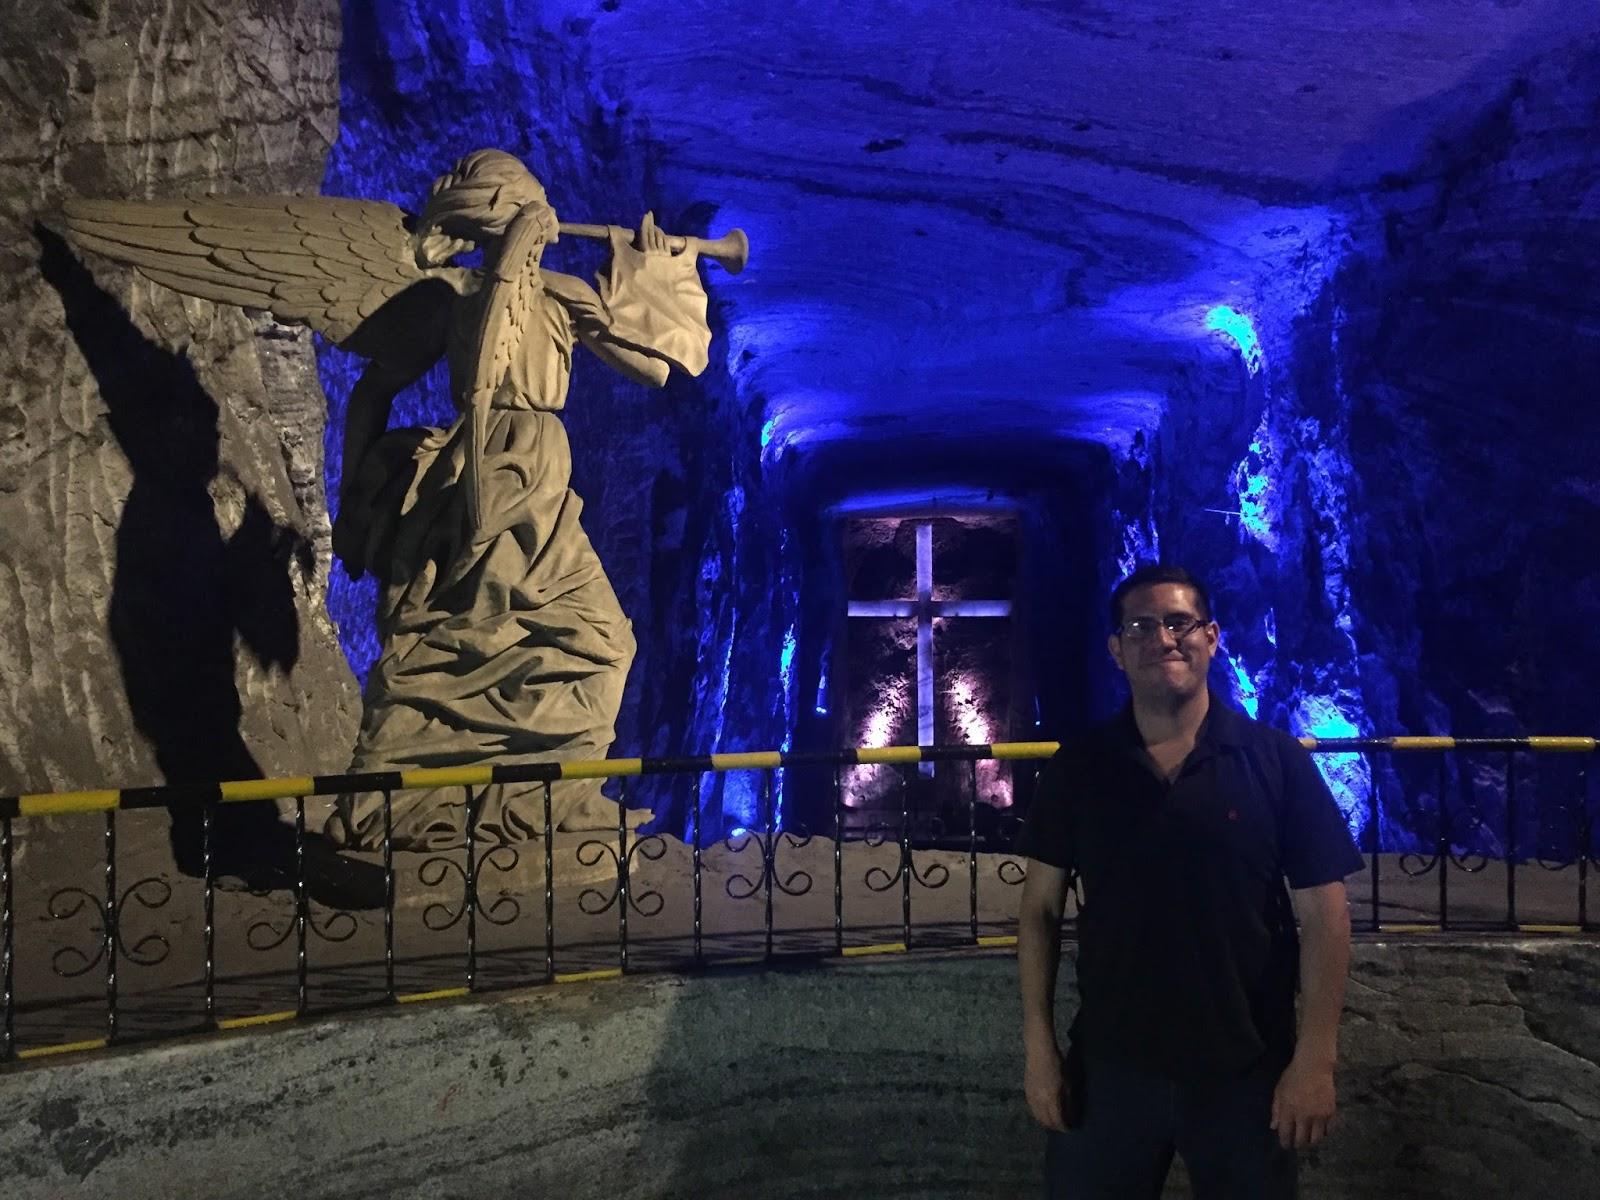 La Catedral de Sal en Zipaquirá, Colombia - Vive tu Patrimonio